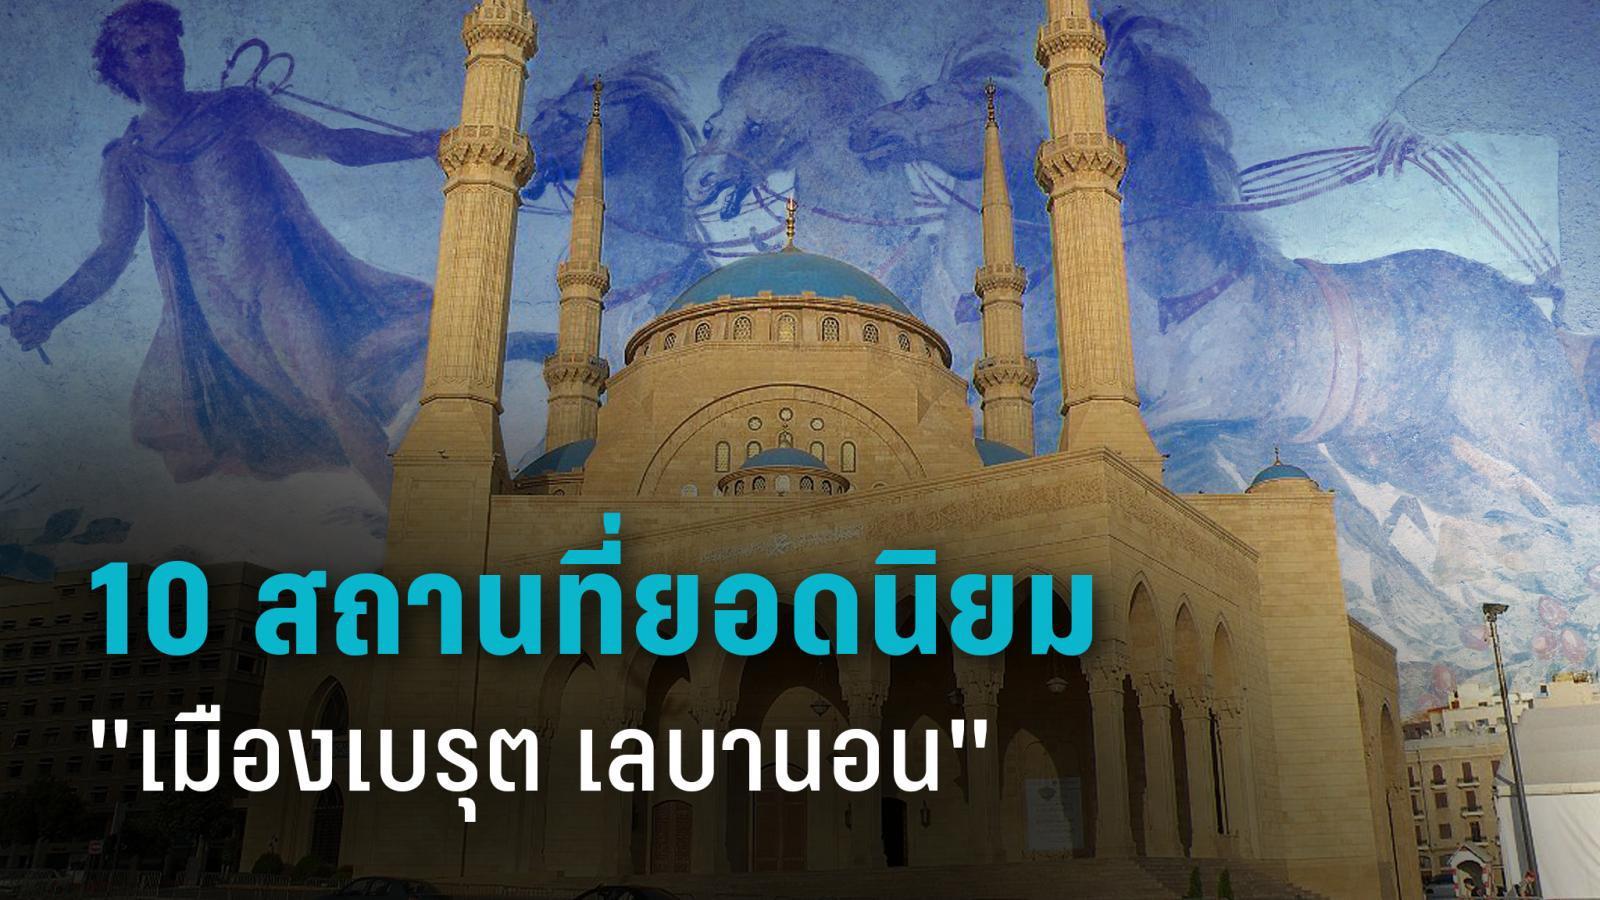 กรุงเบรุต แห่งเลบานอน กับ 10 สถานที่ท่องเที่ยวในลิสต์ของนักเดินทาง